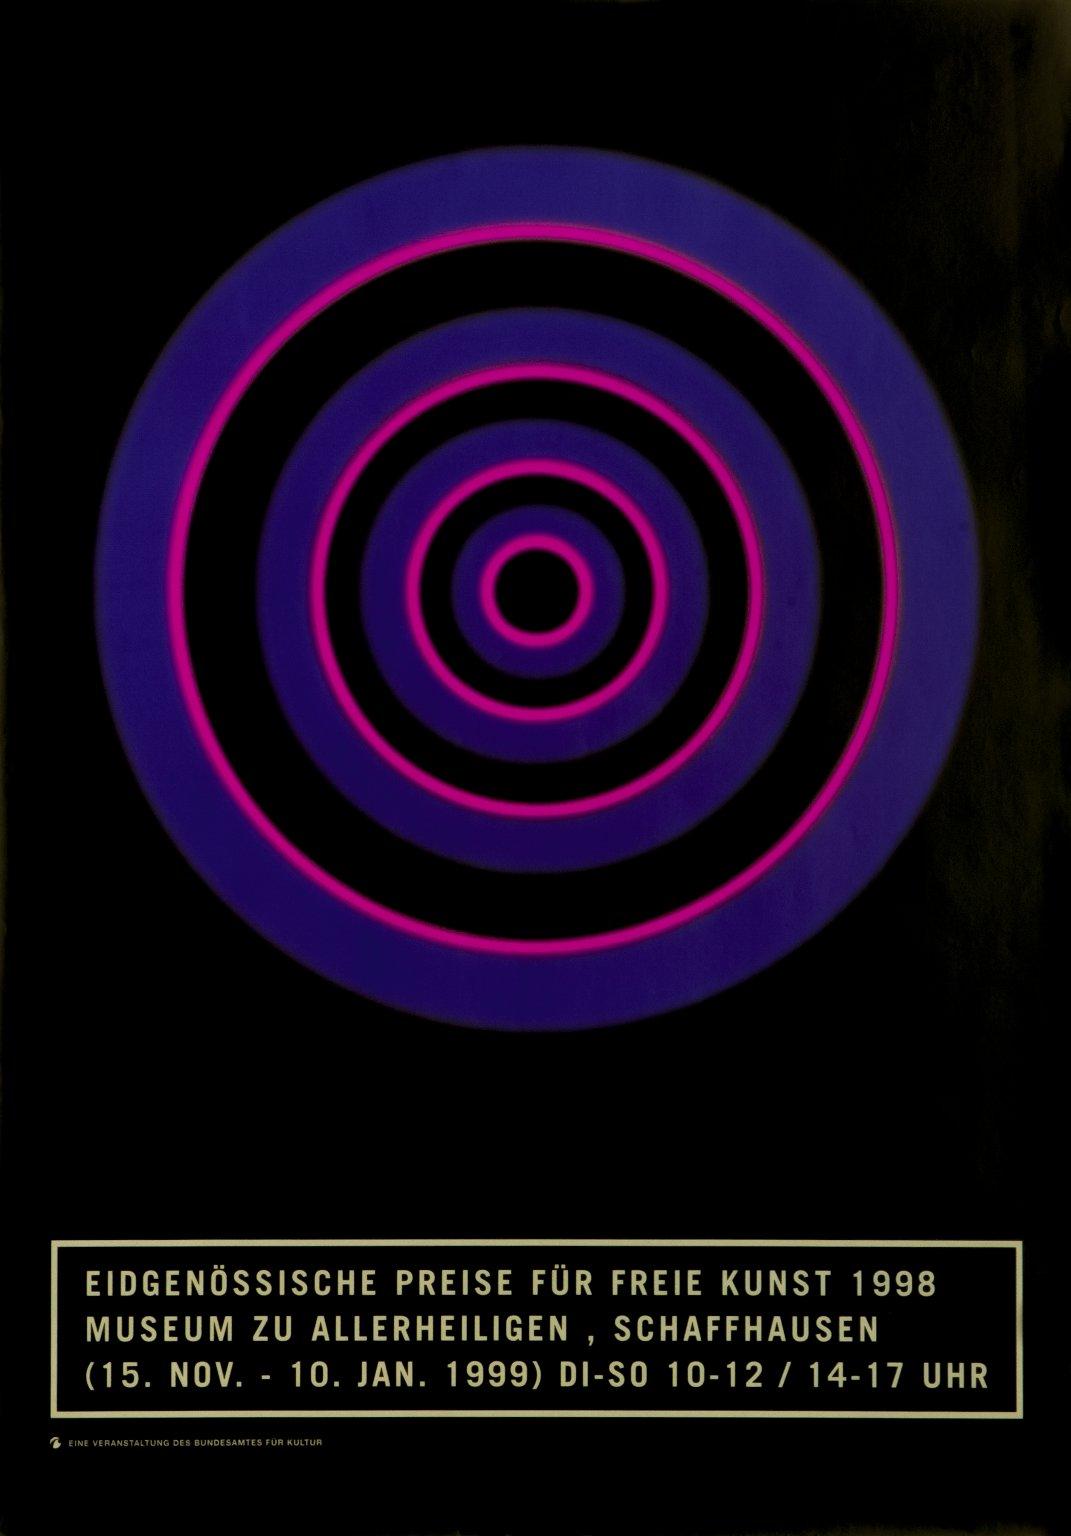 Eidgenössische Preise für freie Kunst 1998